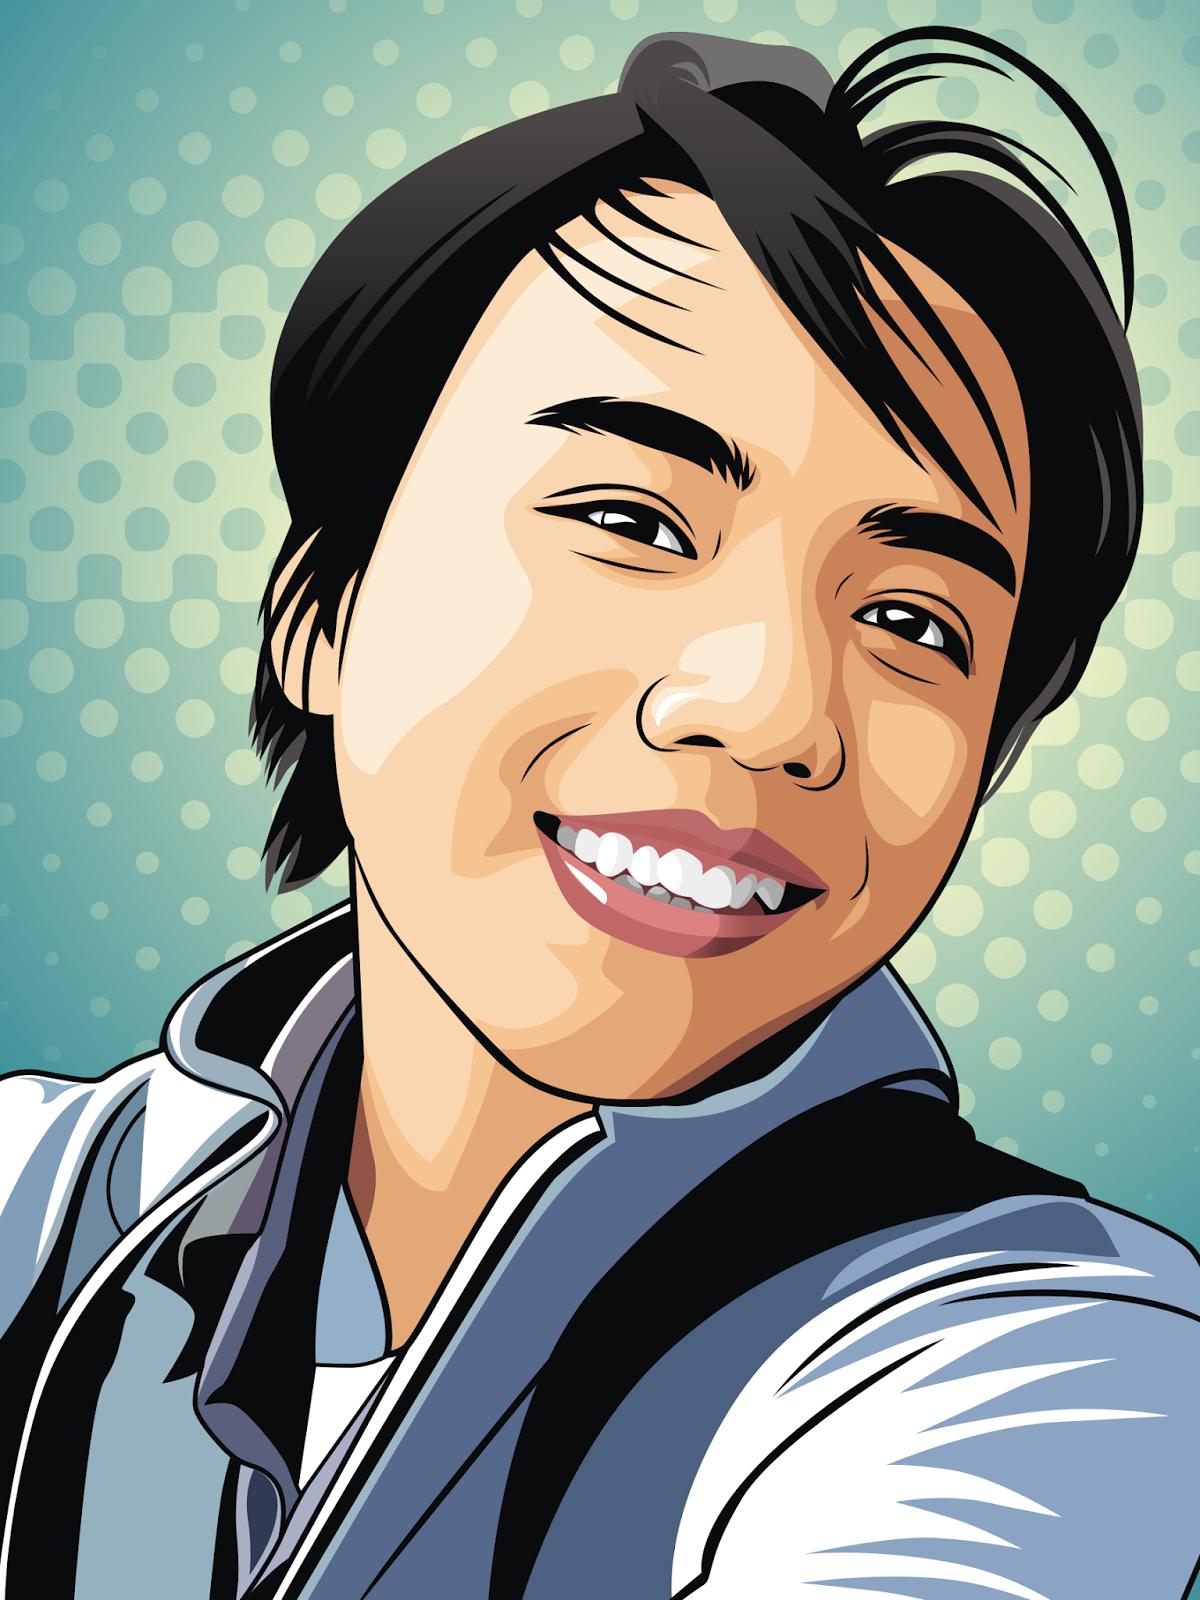 Unduh 7000  Gambar Animasi Orang Ganteng HD Paling Baru